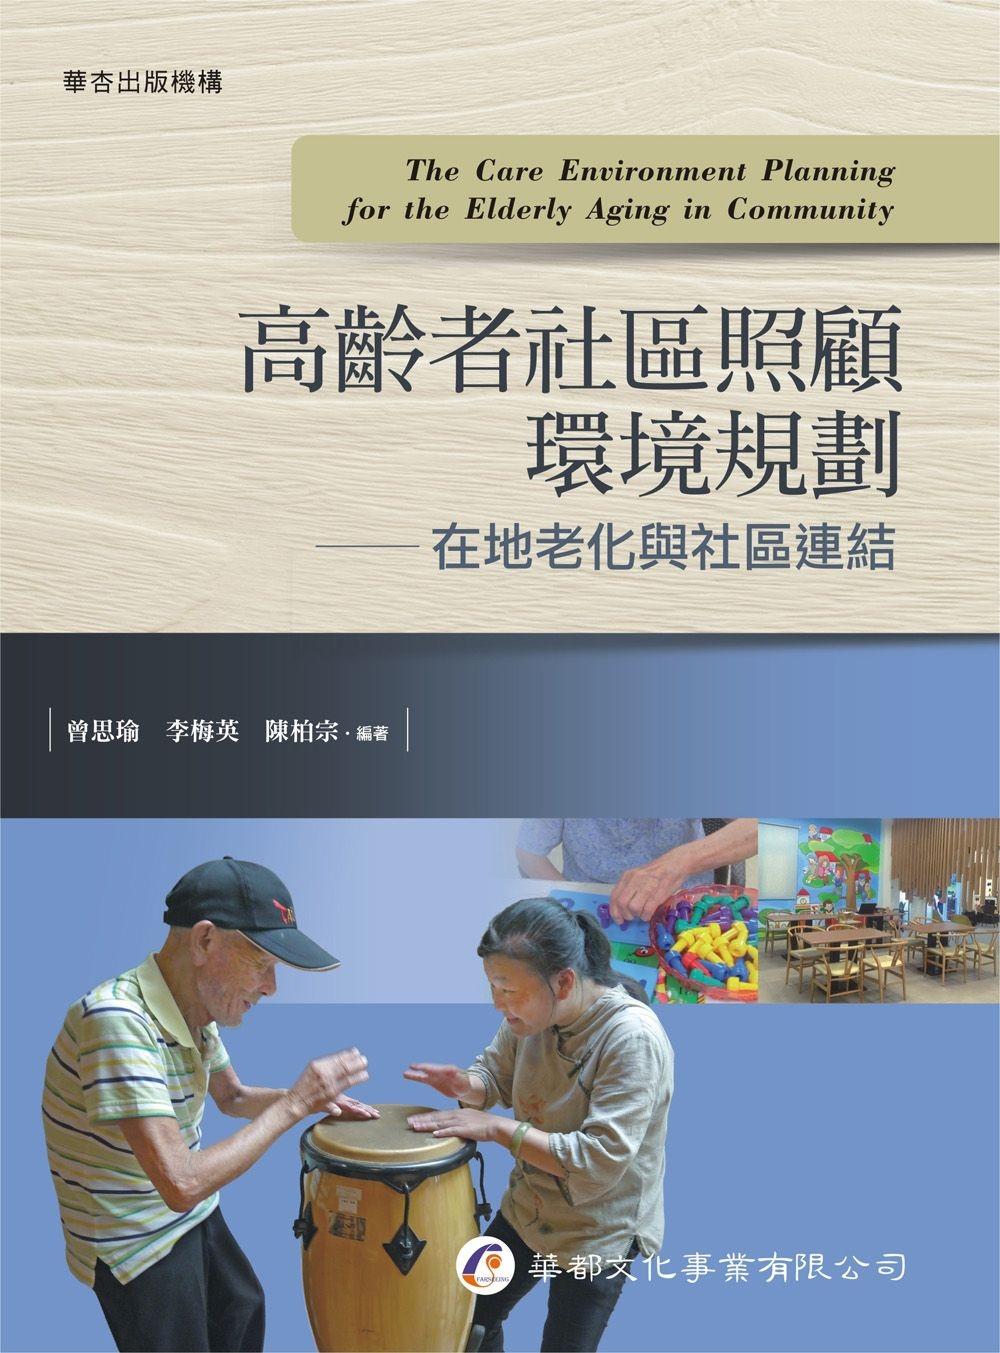 高齡者社區照顧環境規劃:在地老化與社區連結